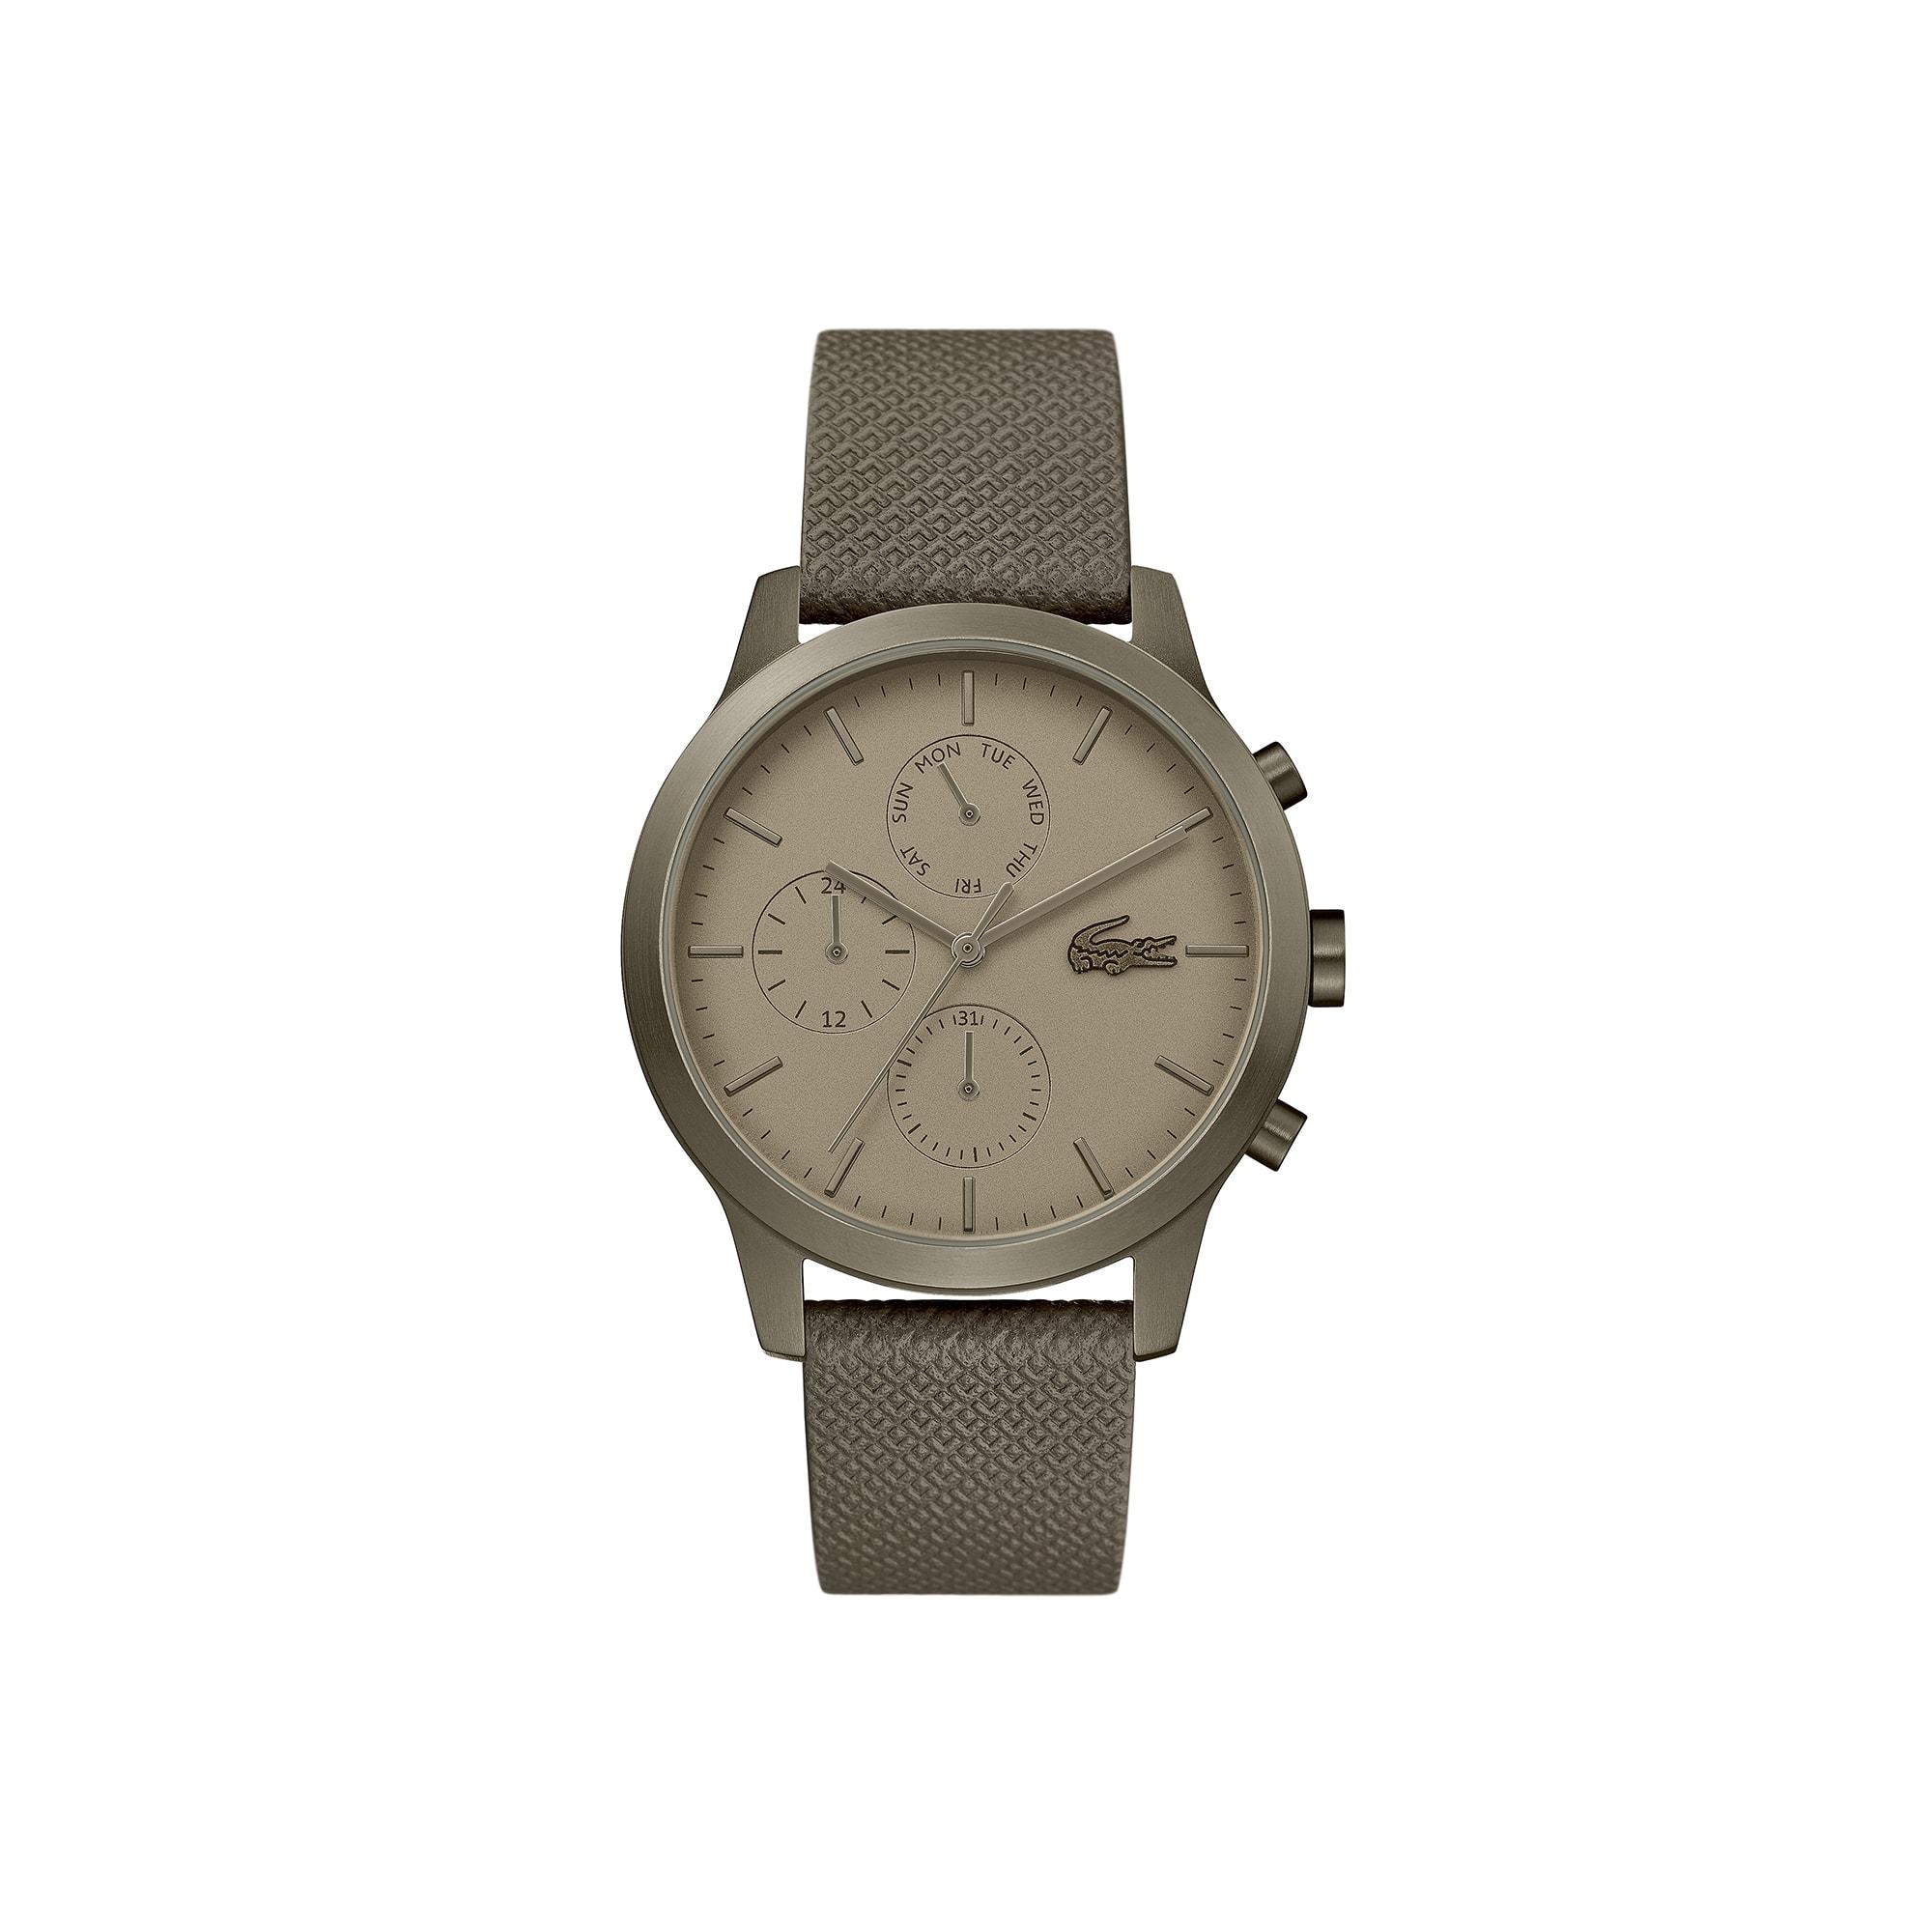 38bd18bb0188 Gents Lacoste.12.12 Watch with Khaki Leather Petit Piqué Strap